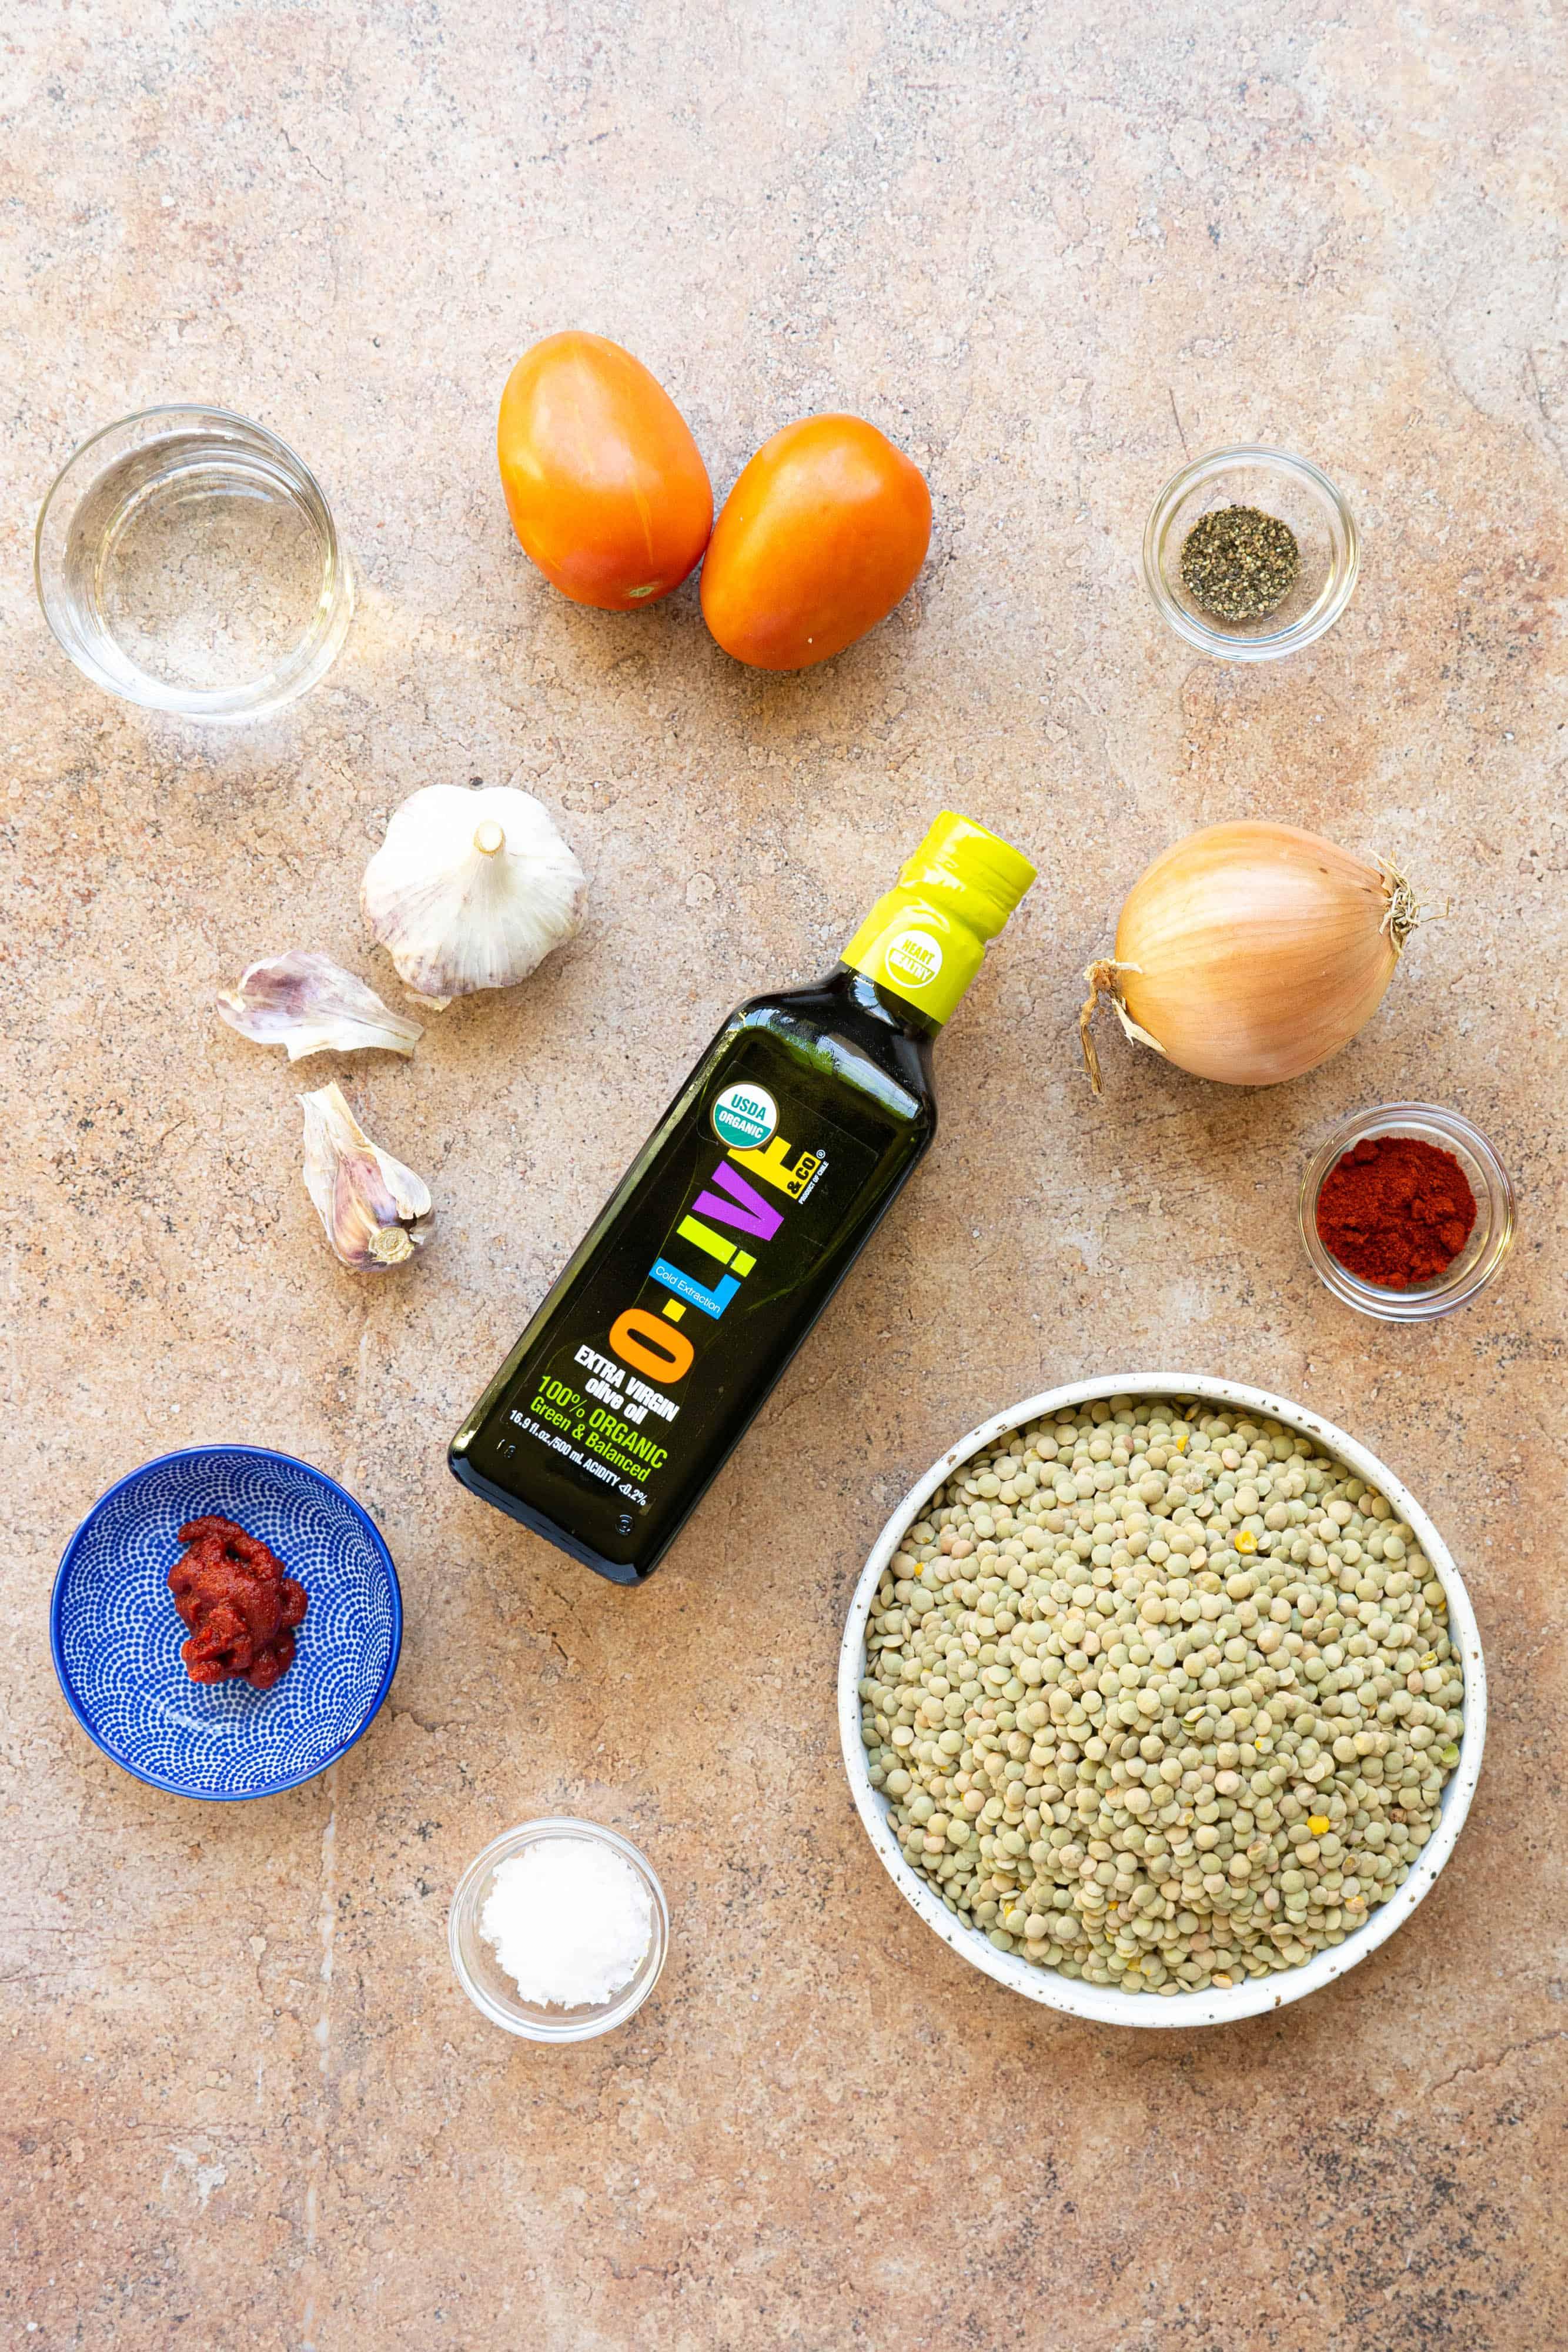 Ingredients to make a Moroccan lentil salad